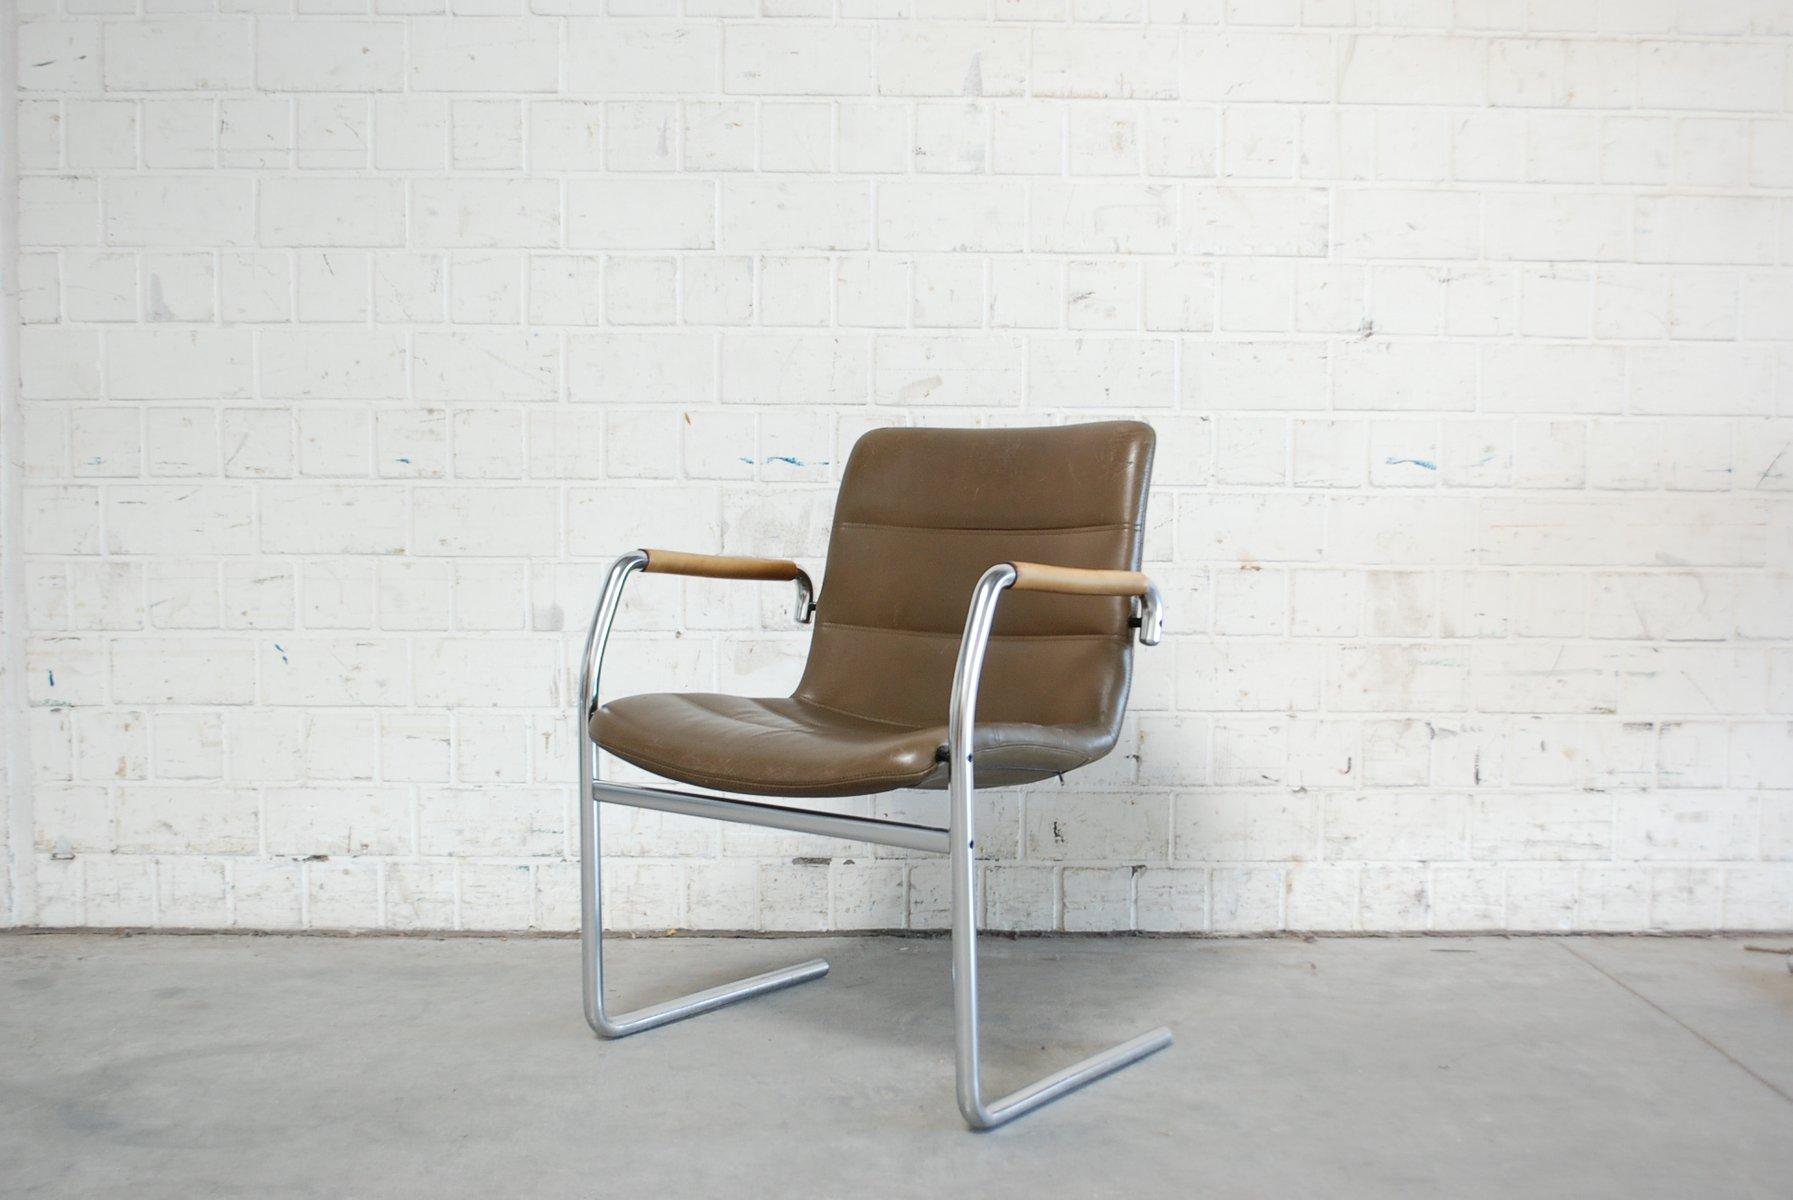 vintage cantilever chairs by jorgen kastholm for kusch. Black Bedroom Furniture Sets. Home Design Ideas